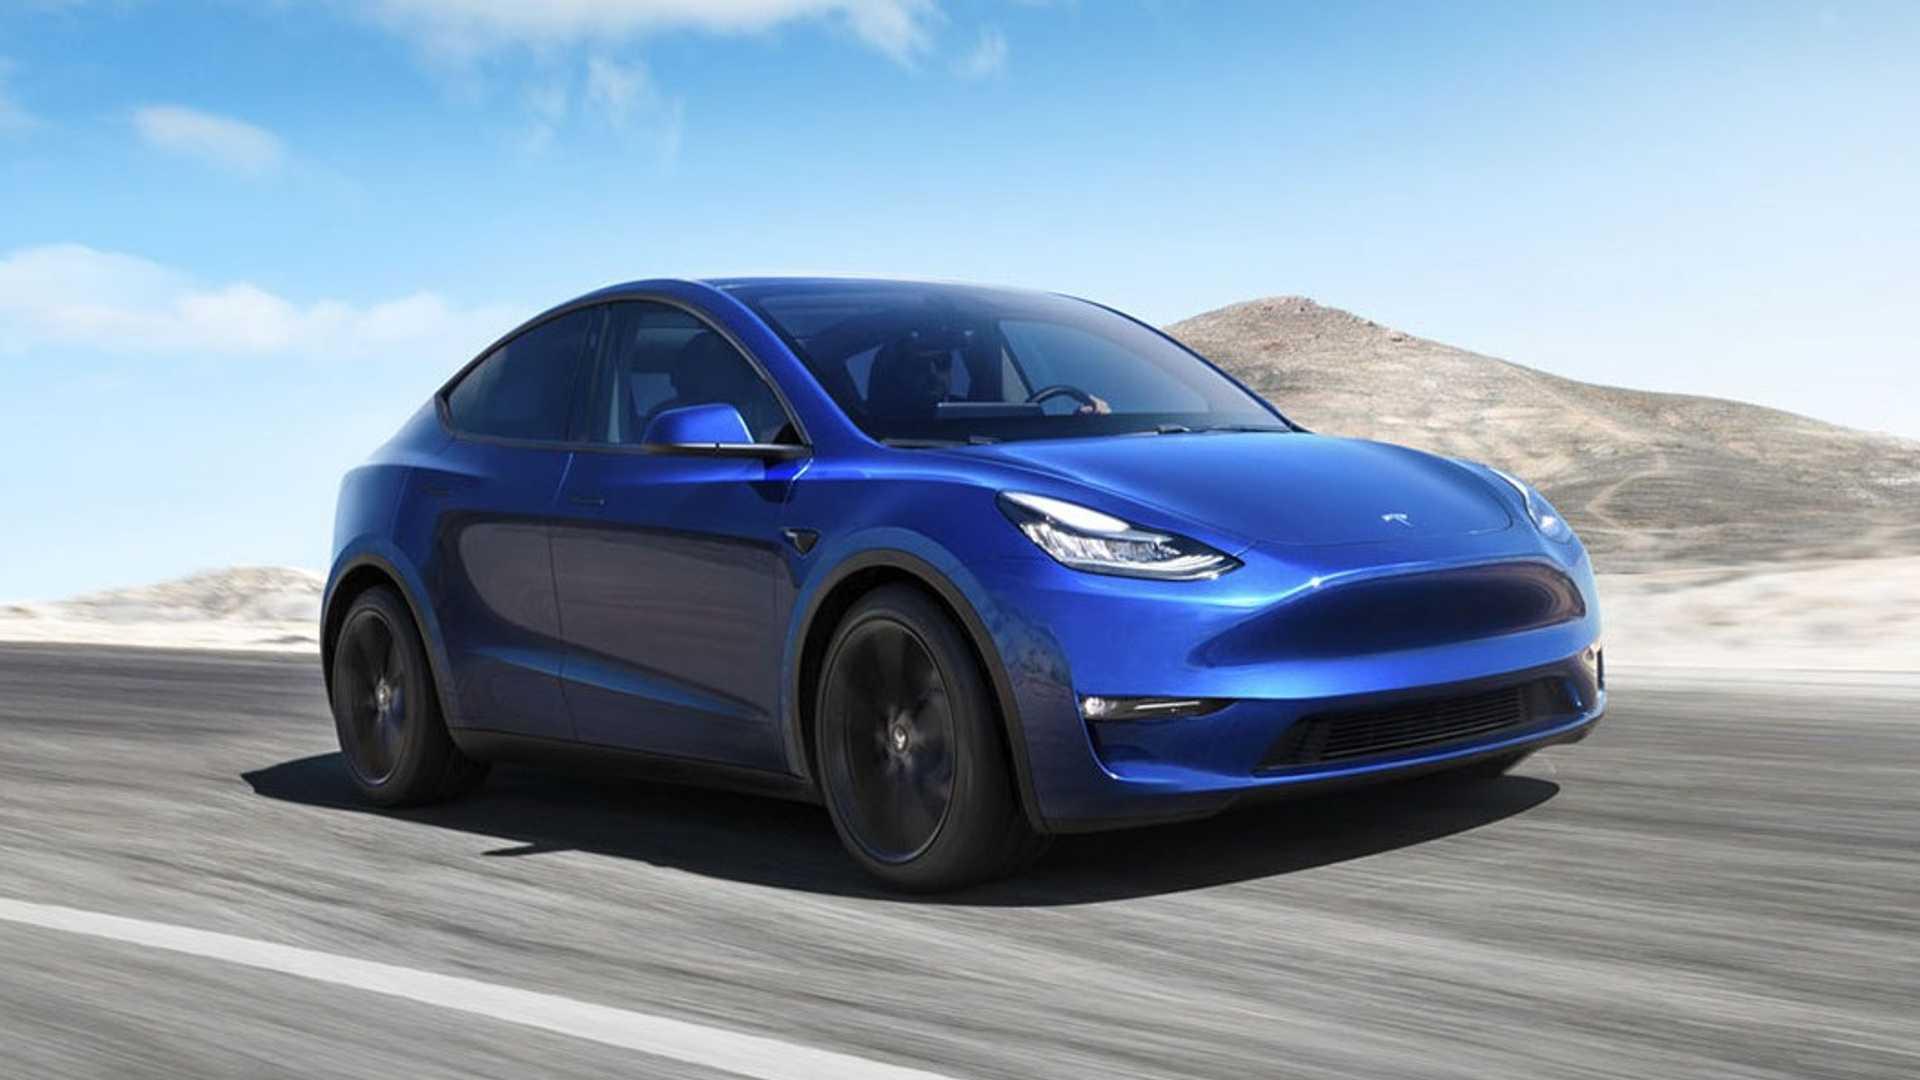 Ποιο είναι το δεύτερο μοντέλο της Tesla που ήρθε στην Ελλάδα και πόσο κοστίζει;